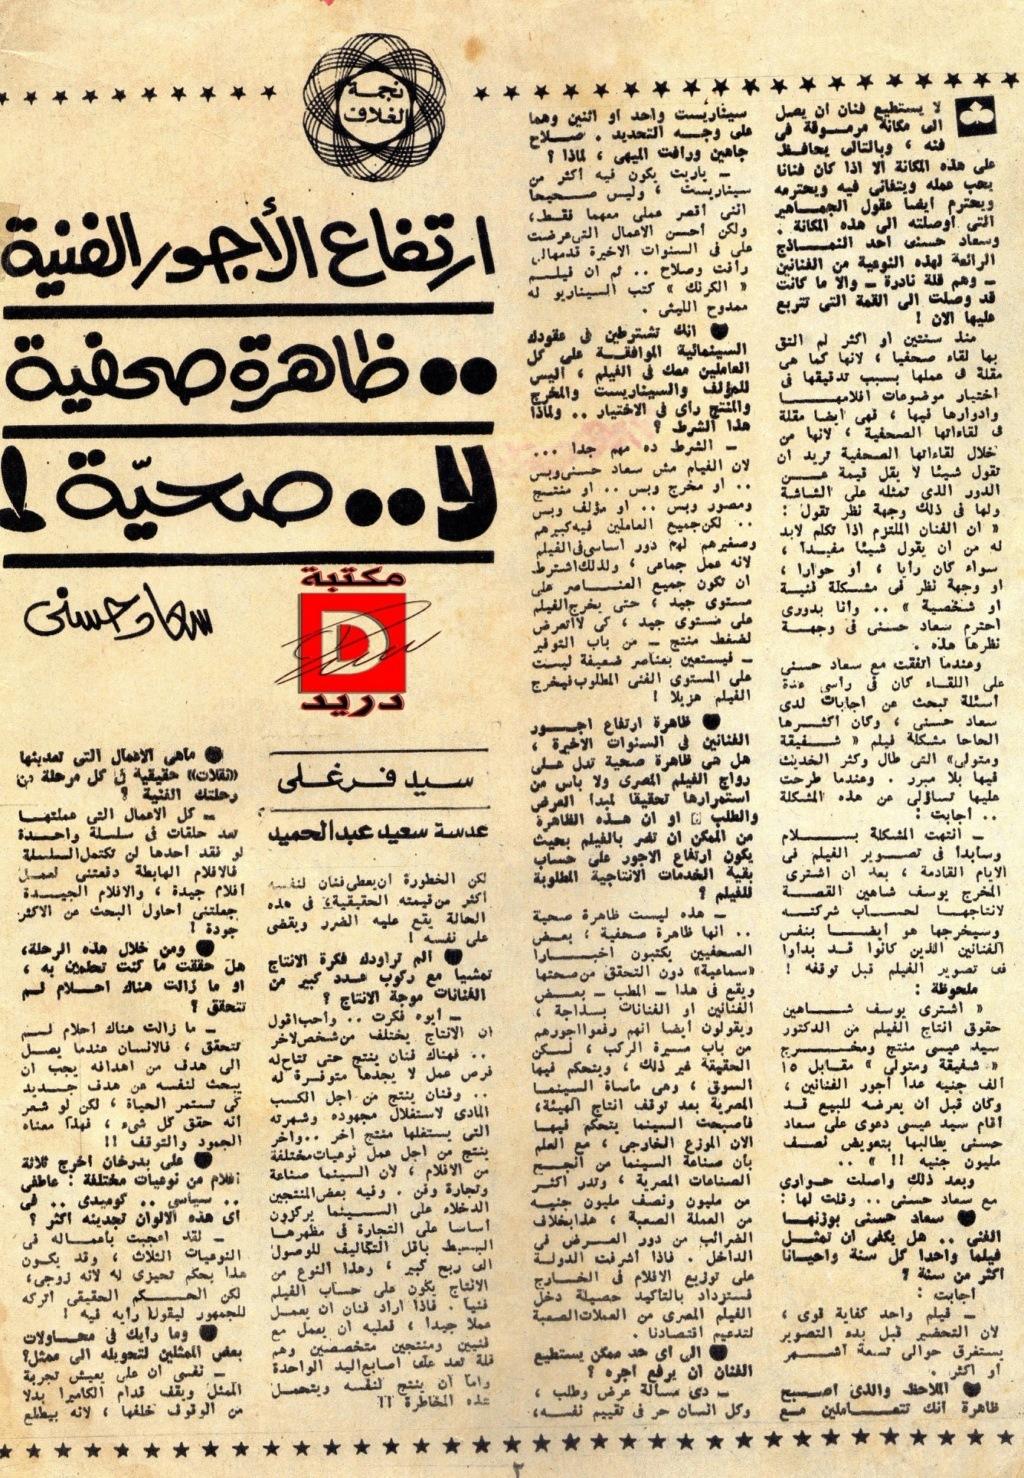 سعاد - حوار صحفي : سعاد حسني .. ارتفاع الأجور الفنية .. ظاهرة صحفية لا .. صحيّة ! 1977 م 227